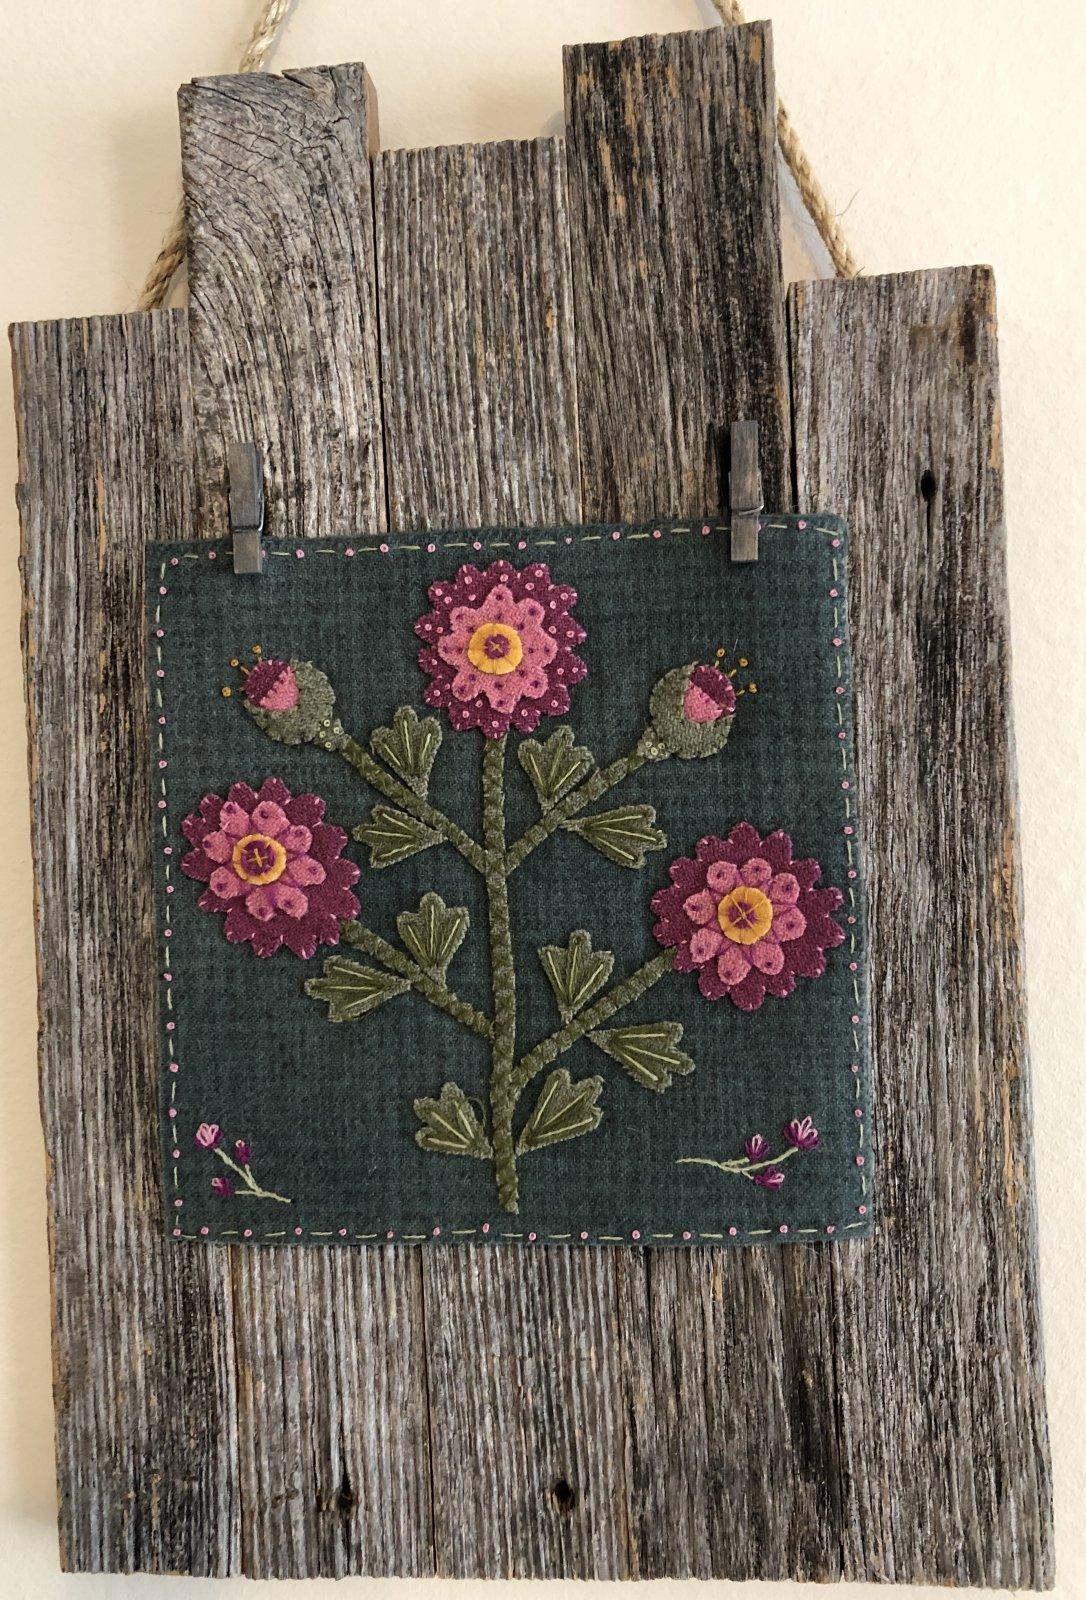 Rose of Sharon Wool kit